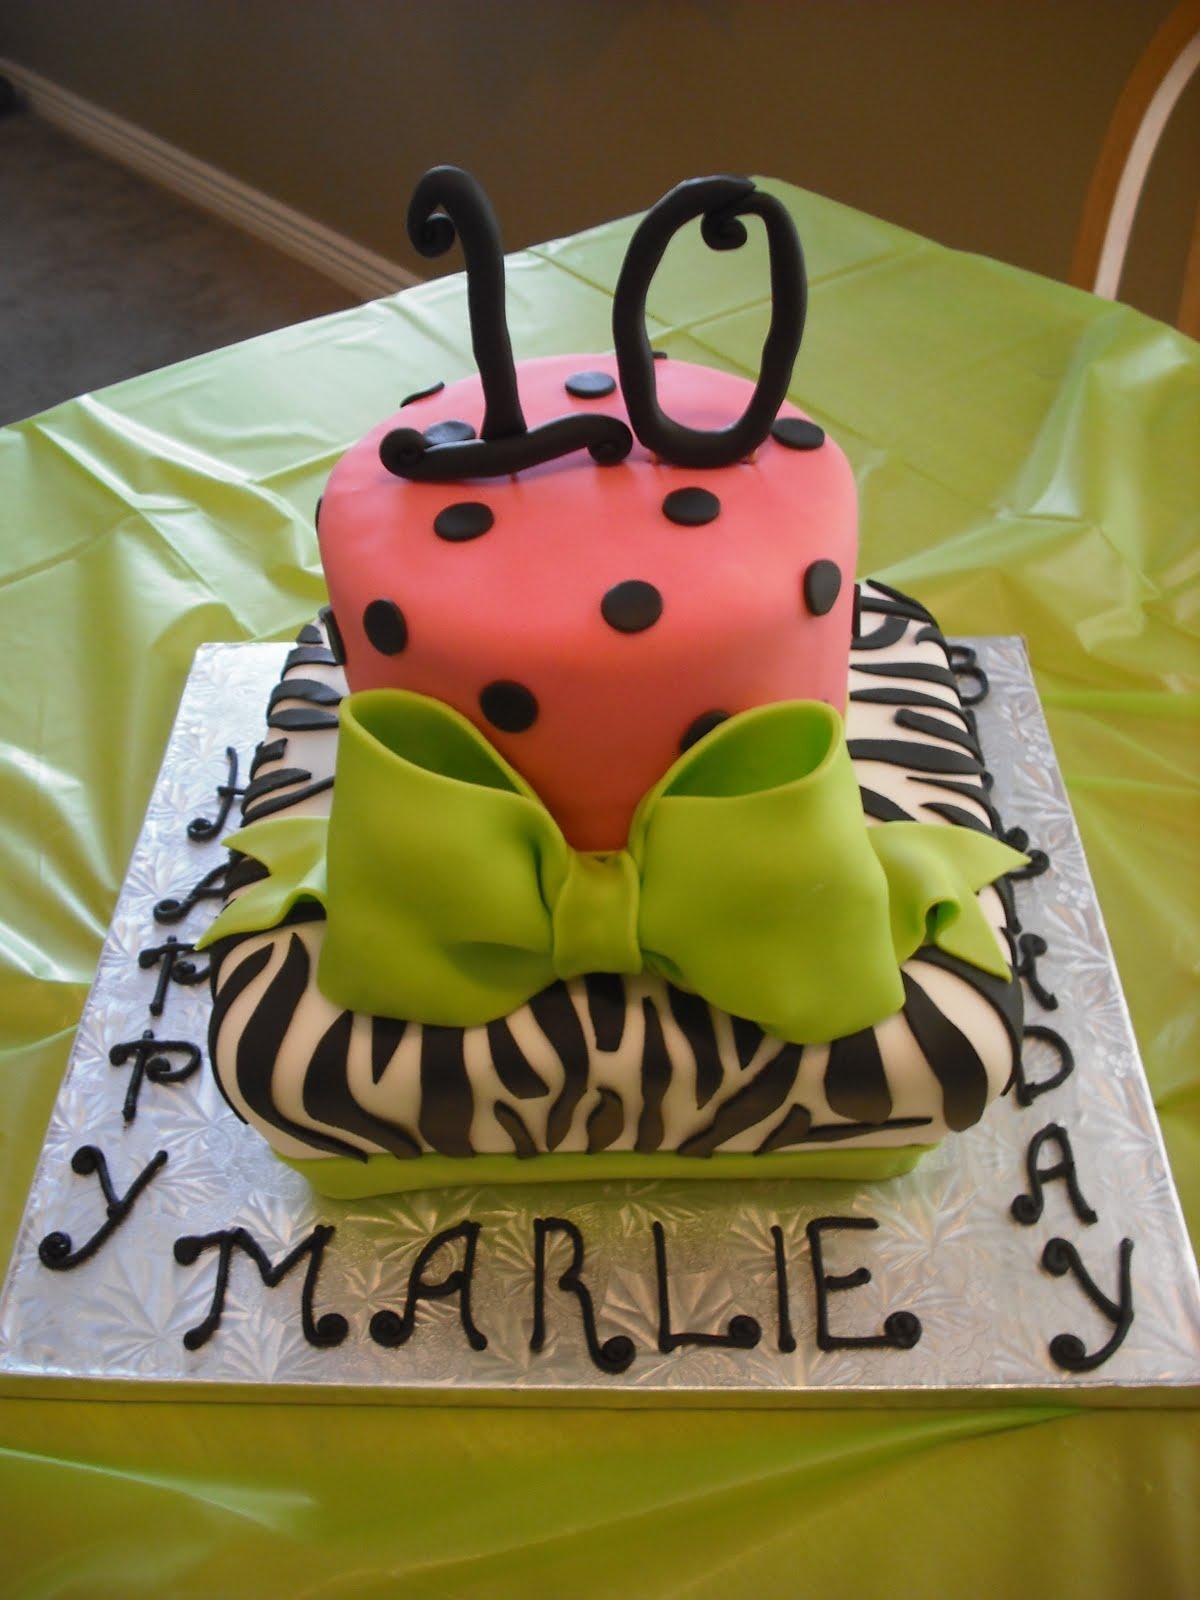 Sprinklebelle Cakes: Zebra Print Birthday Cake